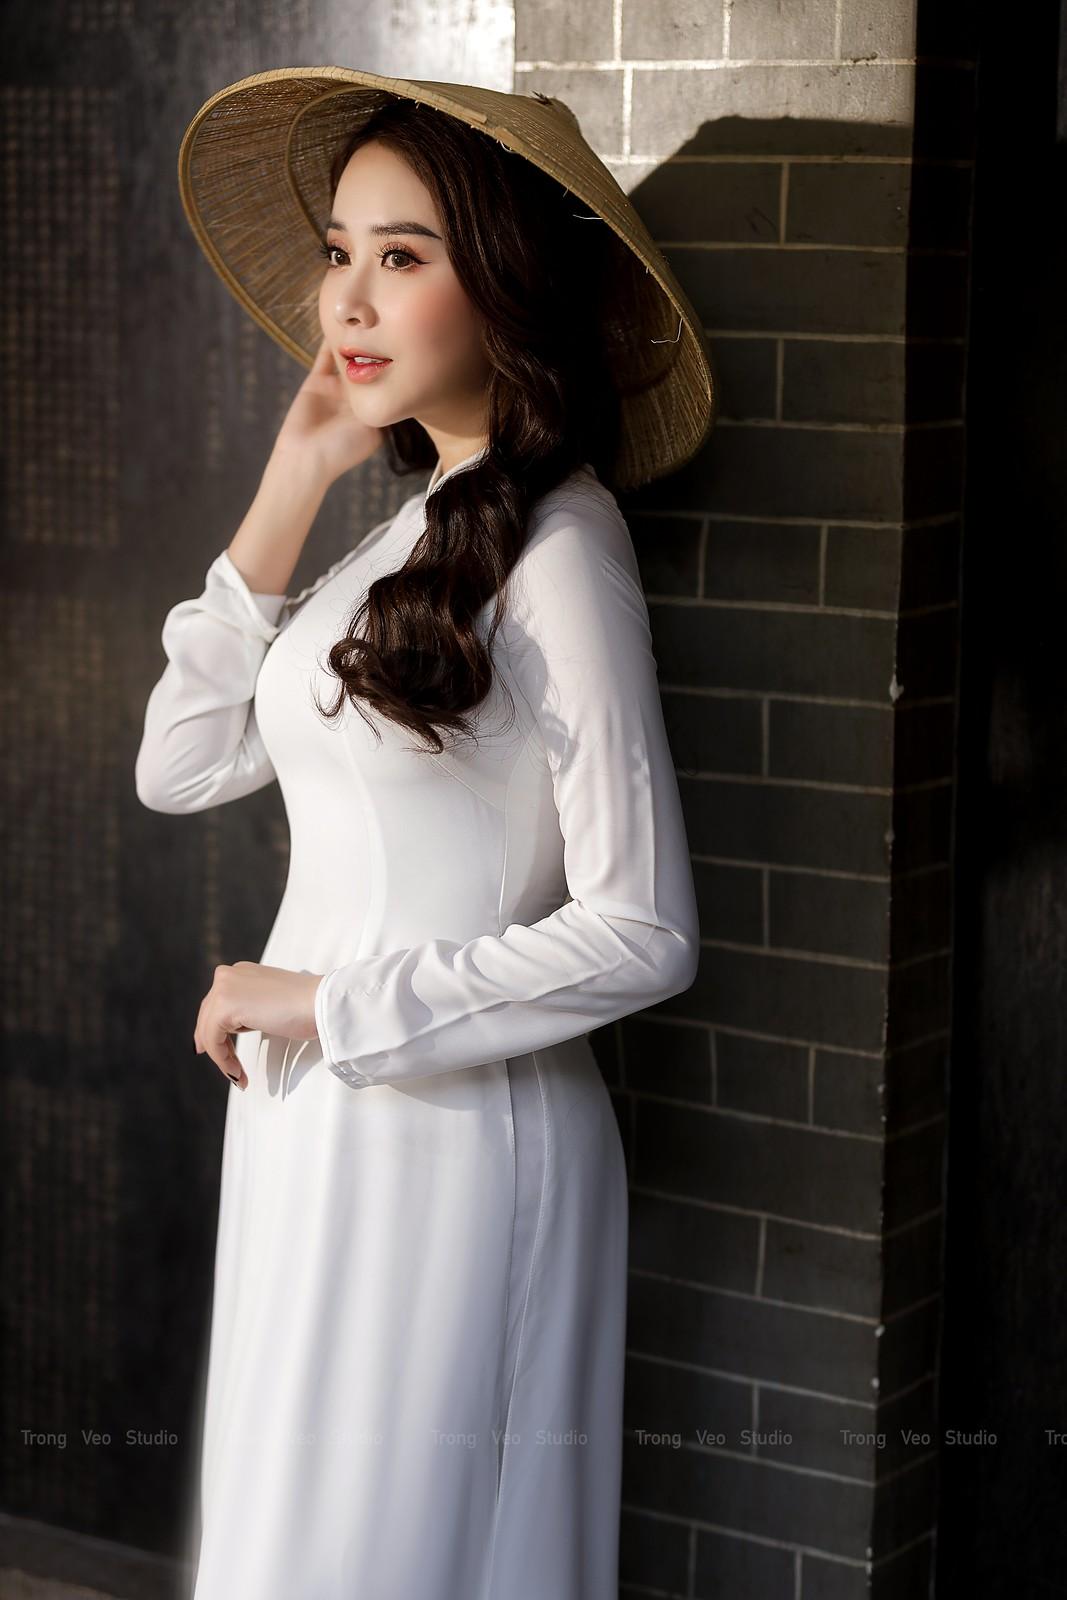 Ngắm hot girl Lục Anh xinh đẹp như hoa không sao tả xiết trong tà áo dài truyền thống - 5